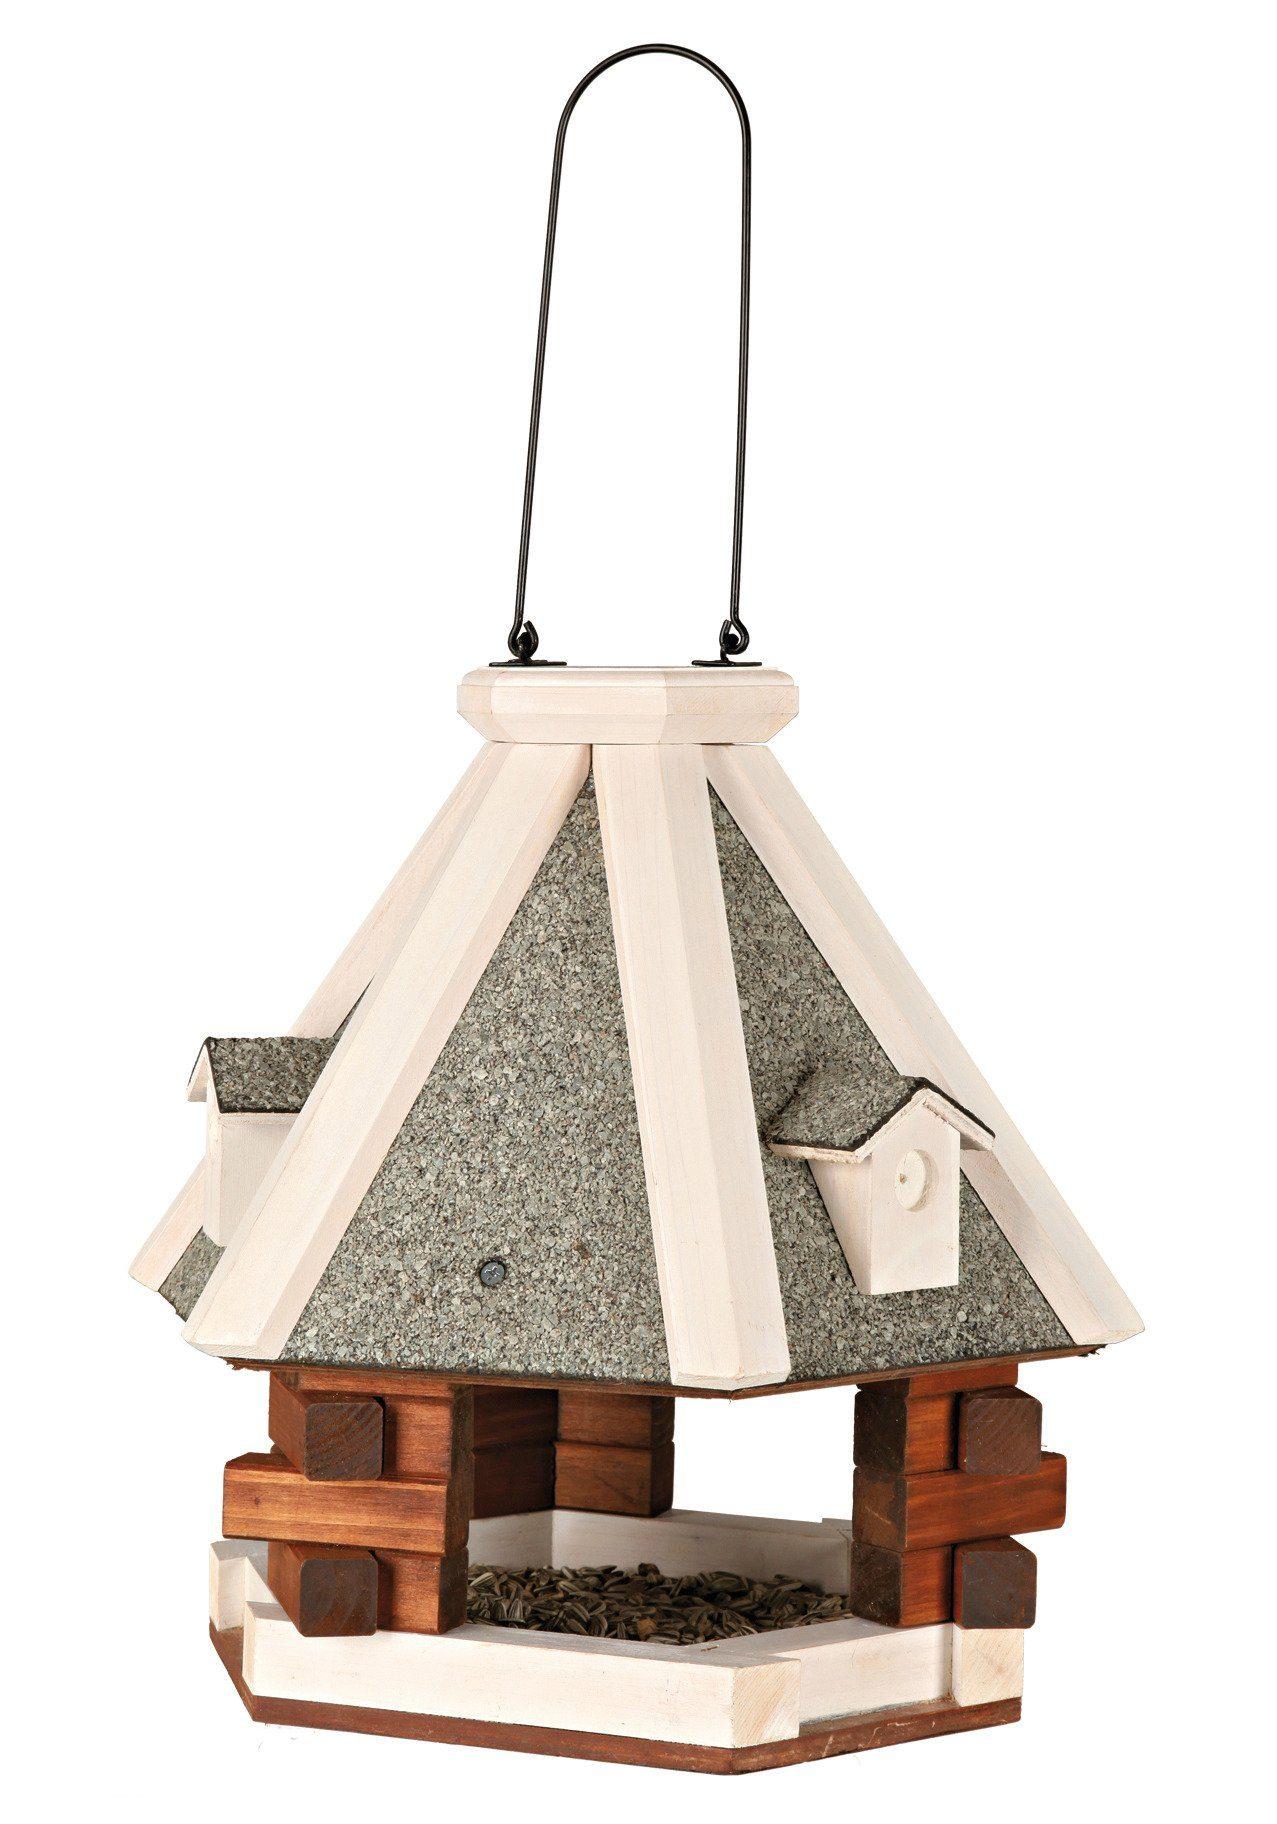 TRIXIE Vogelhaus »Pyramide«, grau/weiß, zum Hängen, B/T/H: 36/36/35 cm